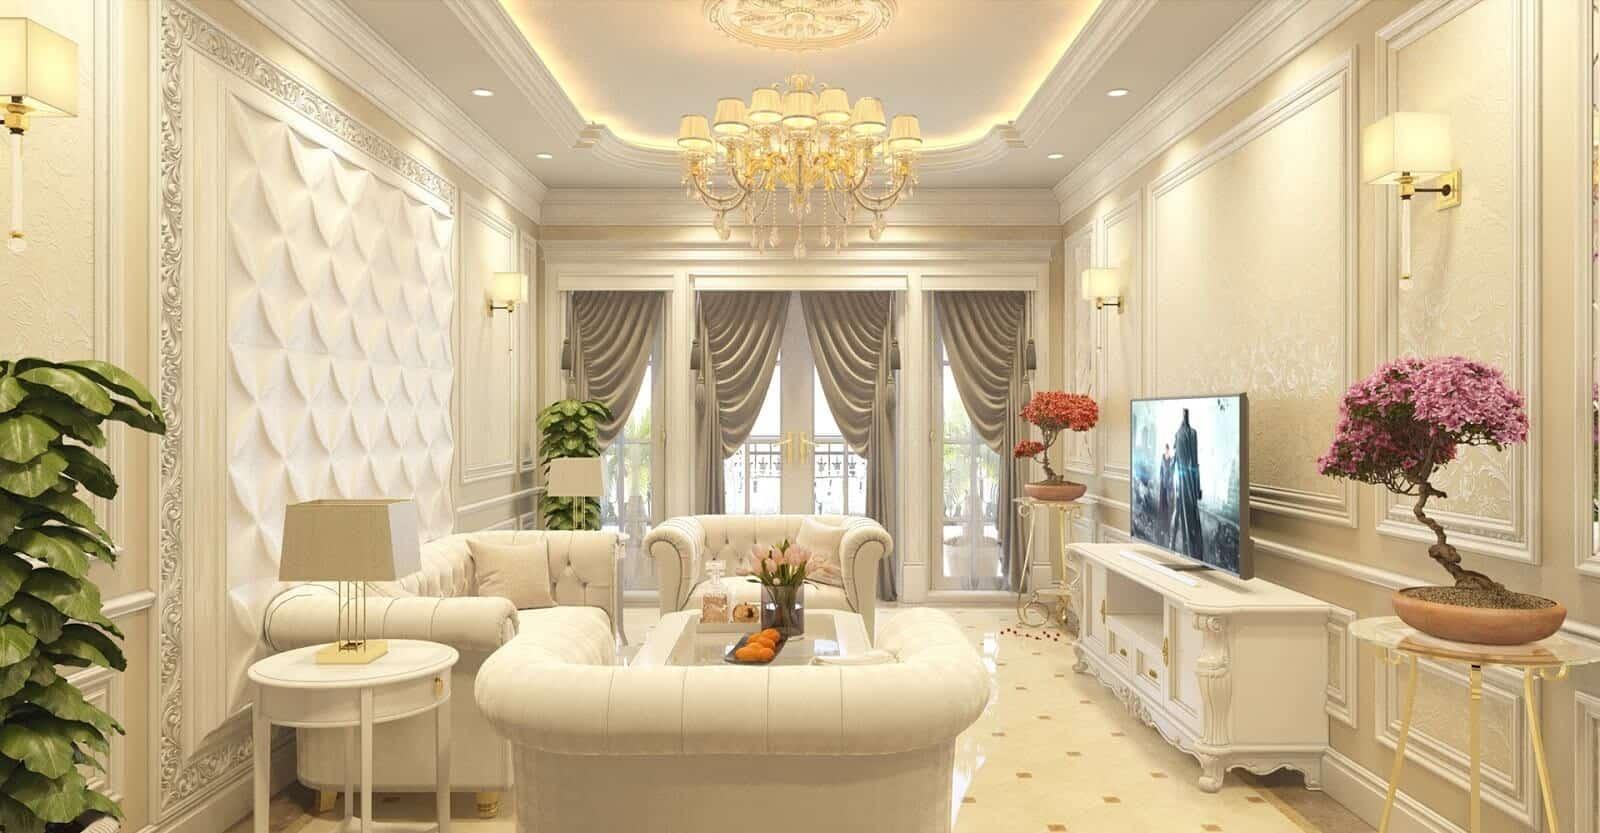 Phong cách nội thất tân cổ điển với màu vàng nhạt trang nhã sang trọng